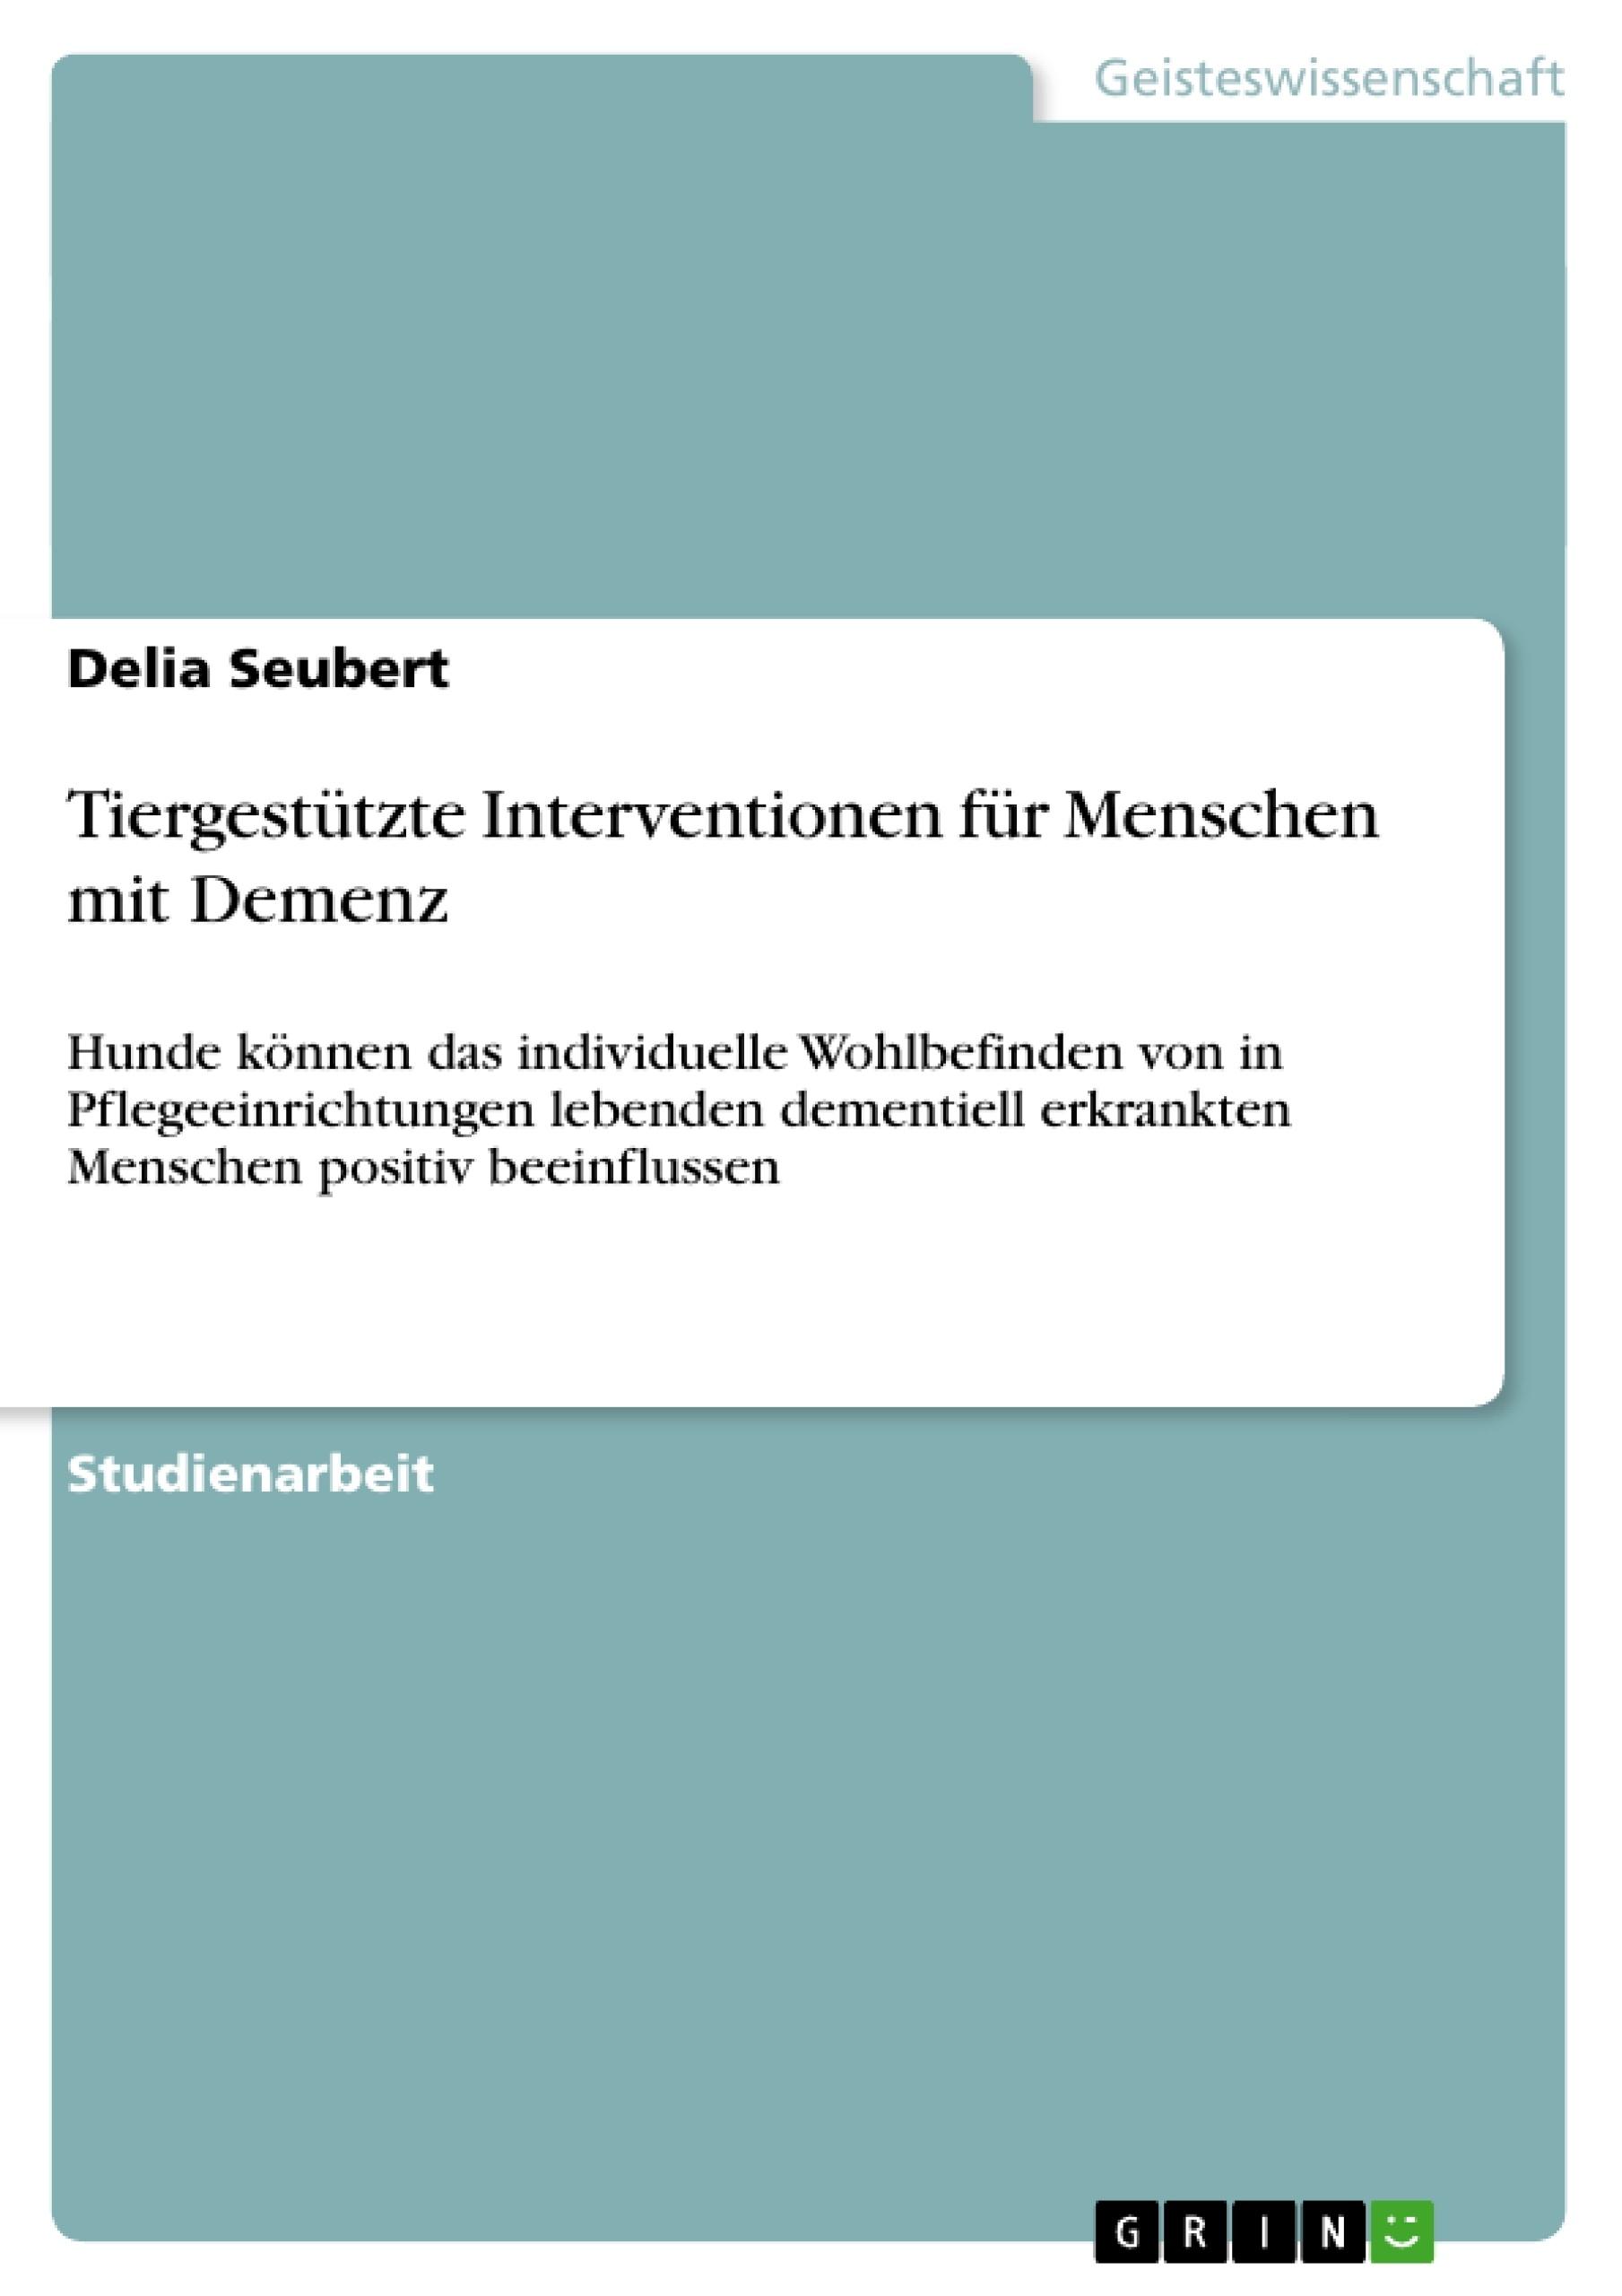 Titel: Tiergestützte Interventionen für Menschen mit Demenz